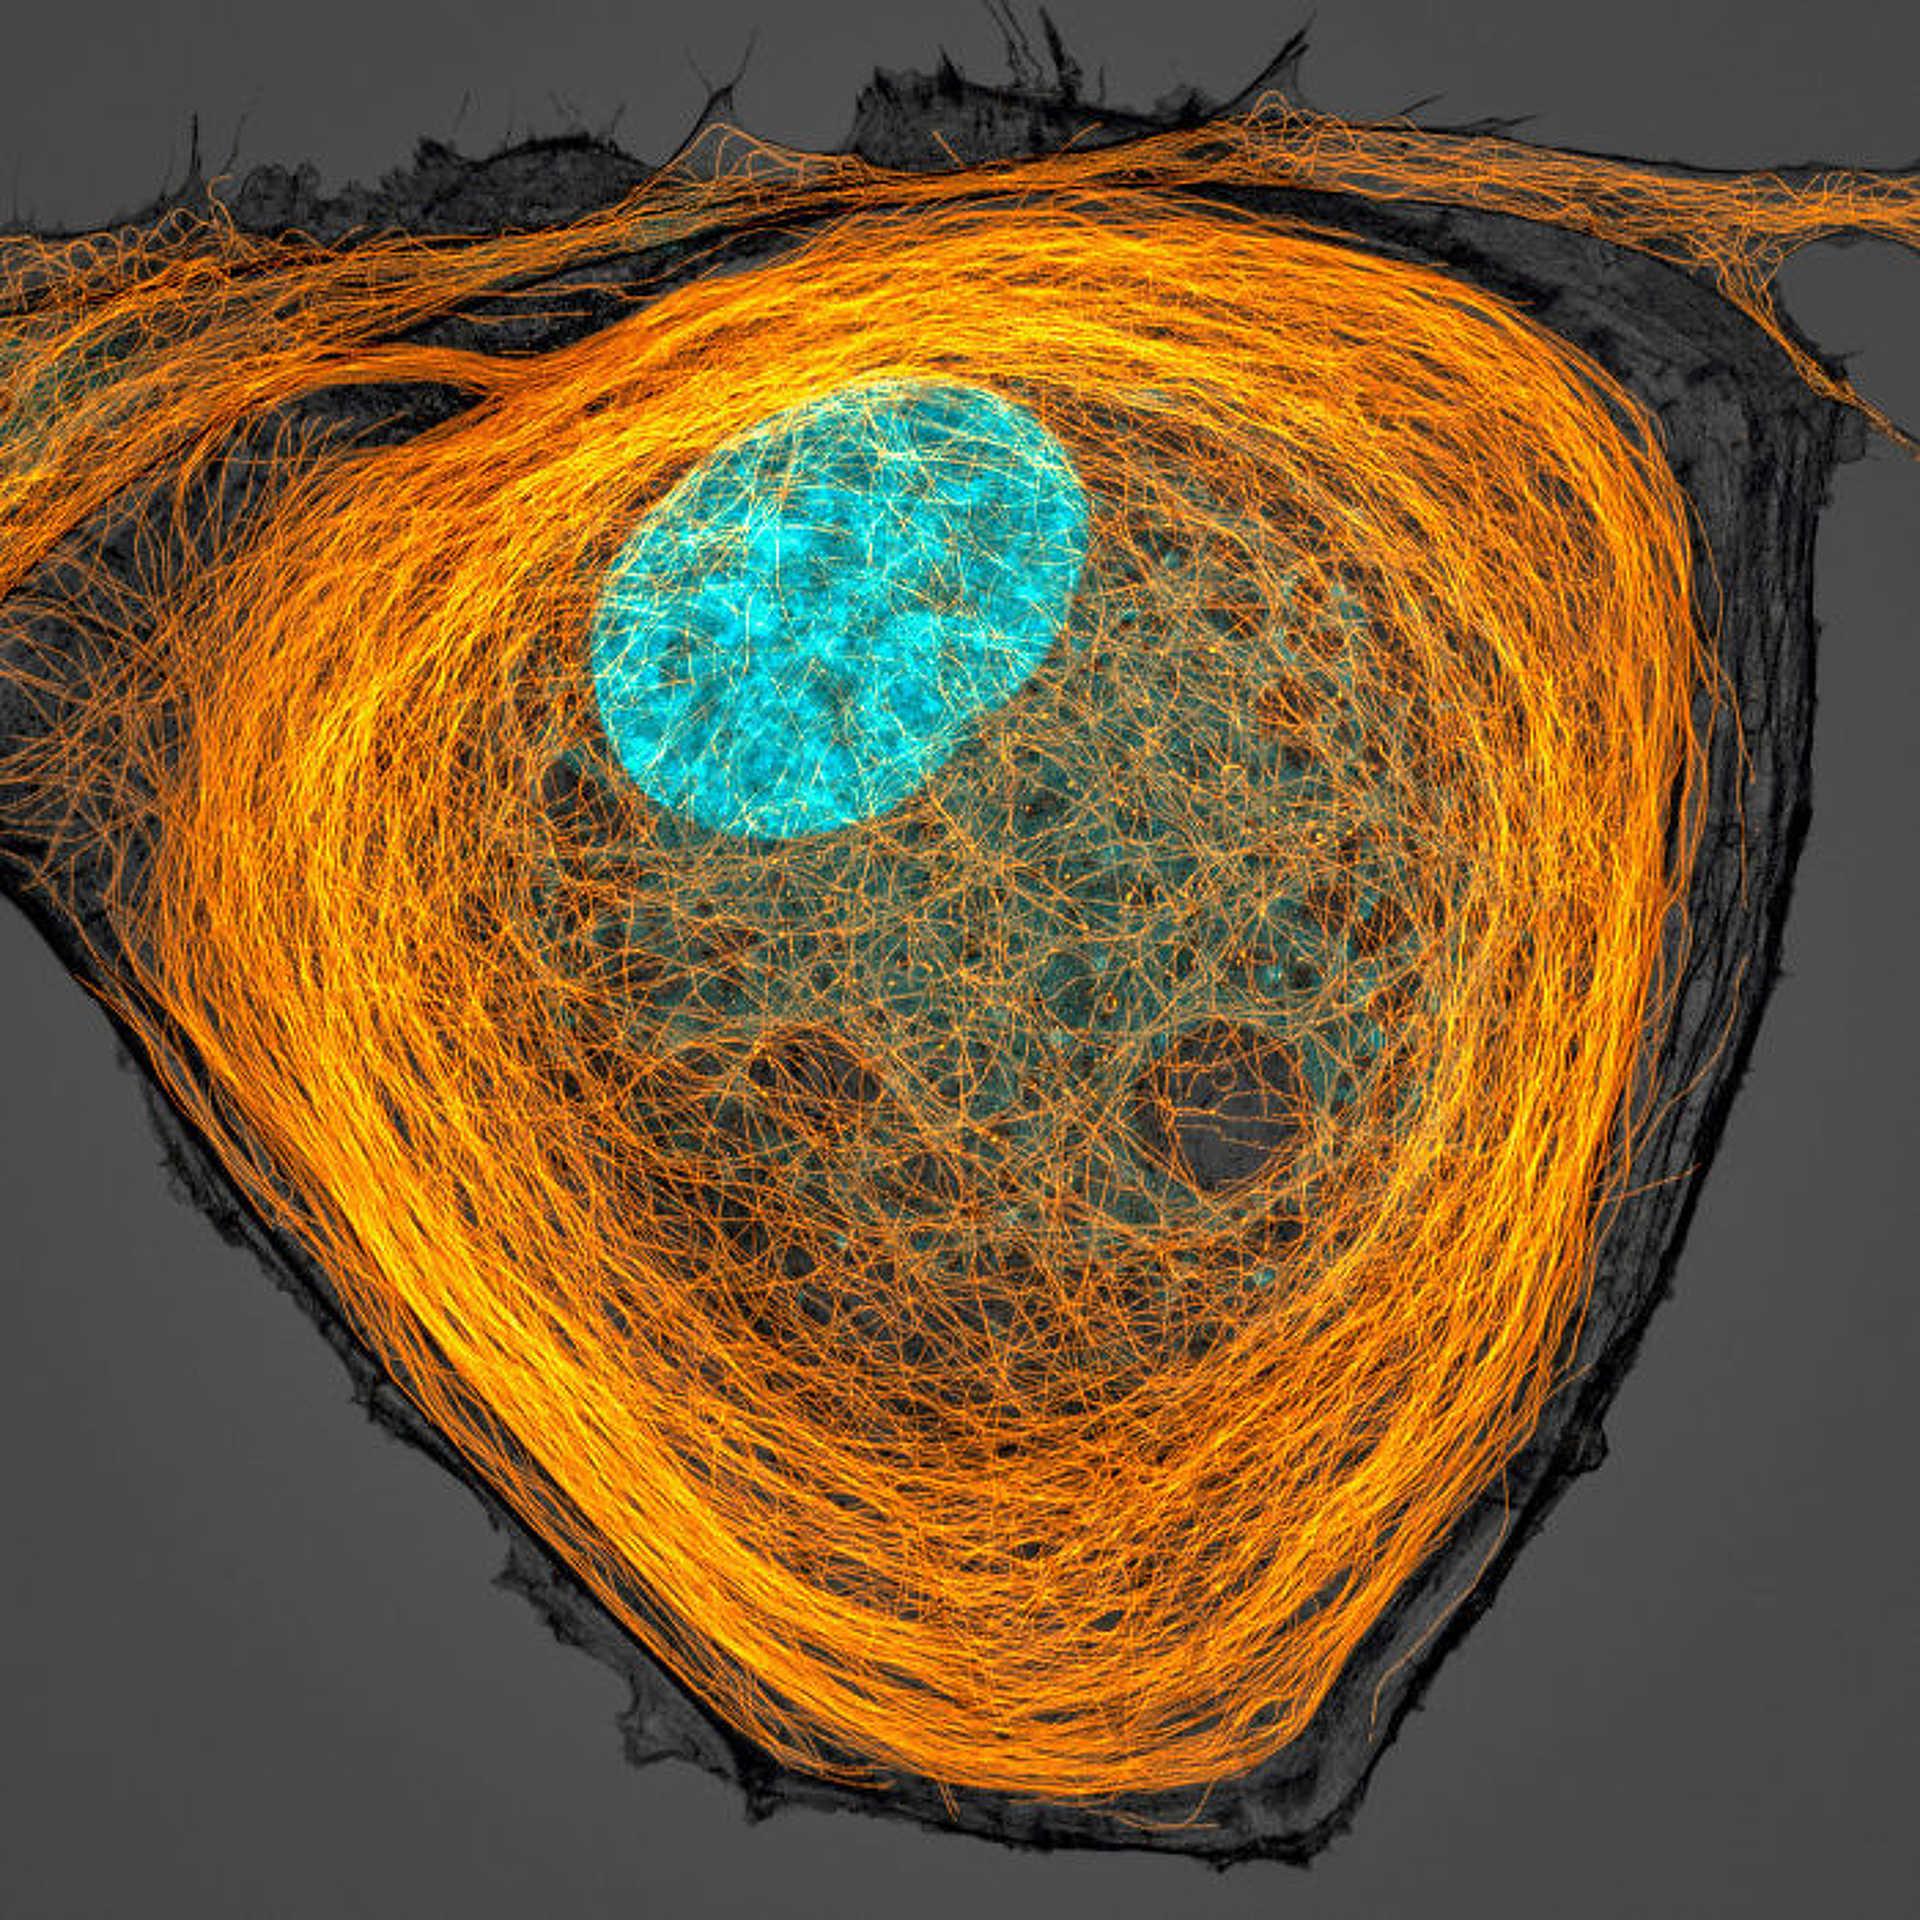 7. hely: Mikrotubulusok (narancssárga) egy sejt belsejében (a mag ciánkék)